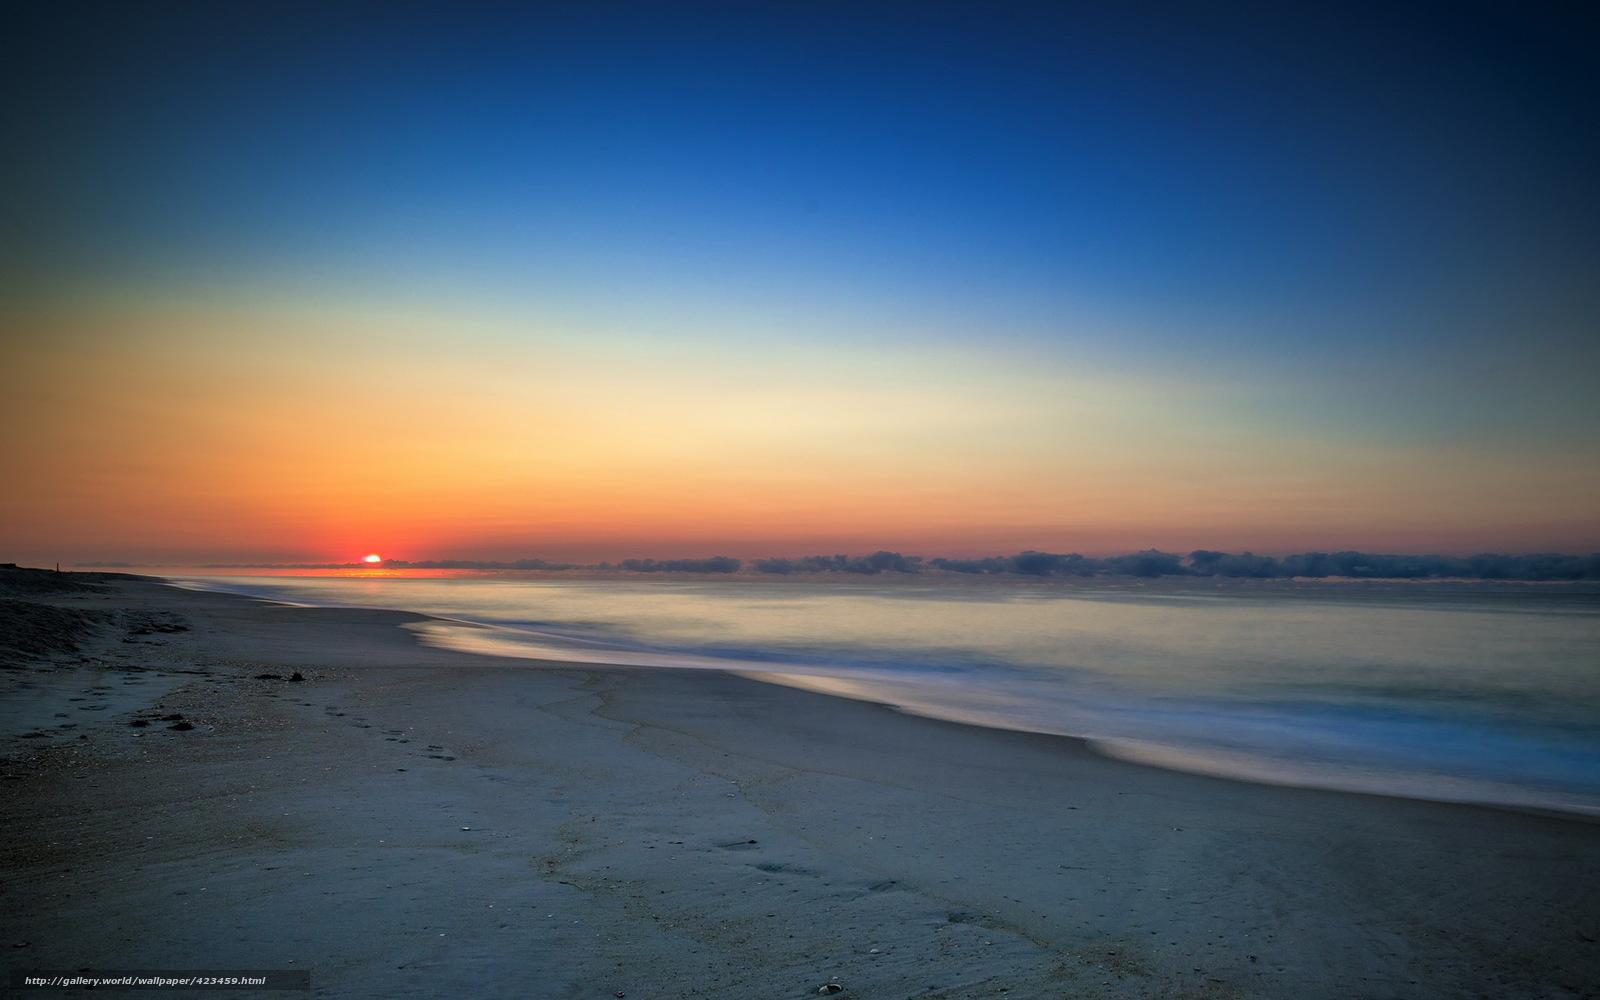 tlcharger fond d 39 ecran coucher du soleil mer plage paysage fonds d 39 ecran gratuits pour votre. Black Bedroom Furniture Sets. Home Design Ideas